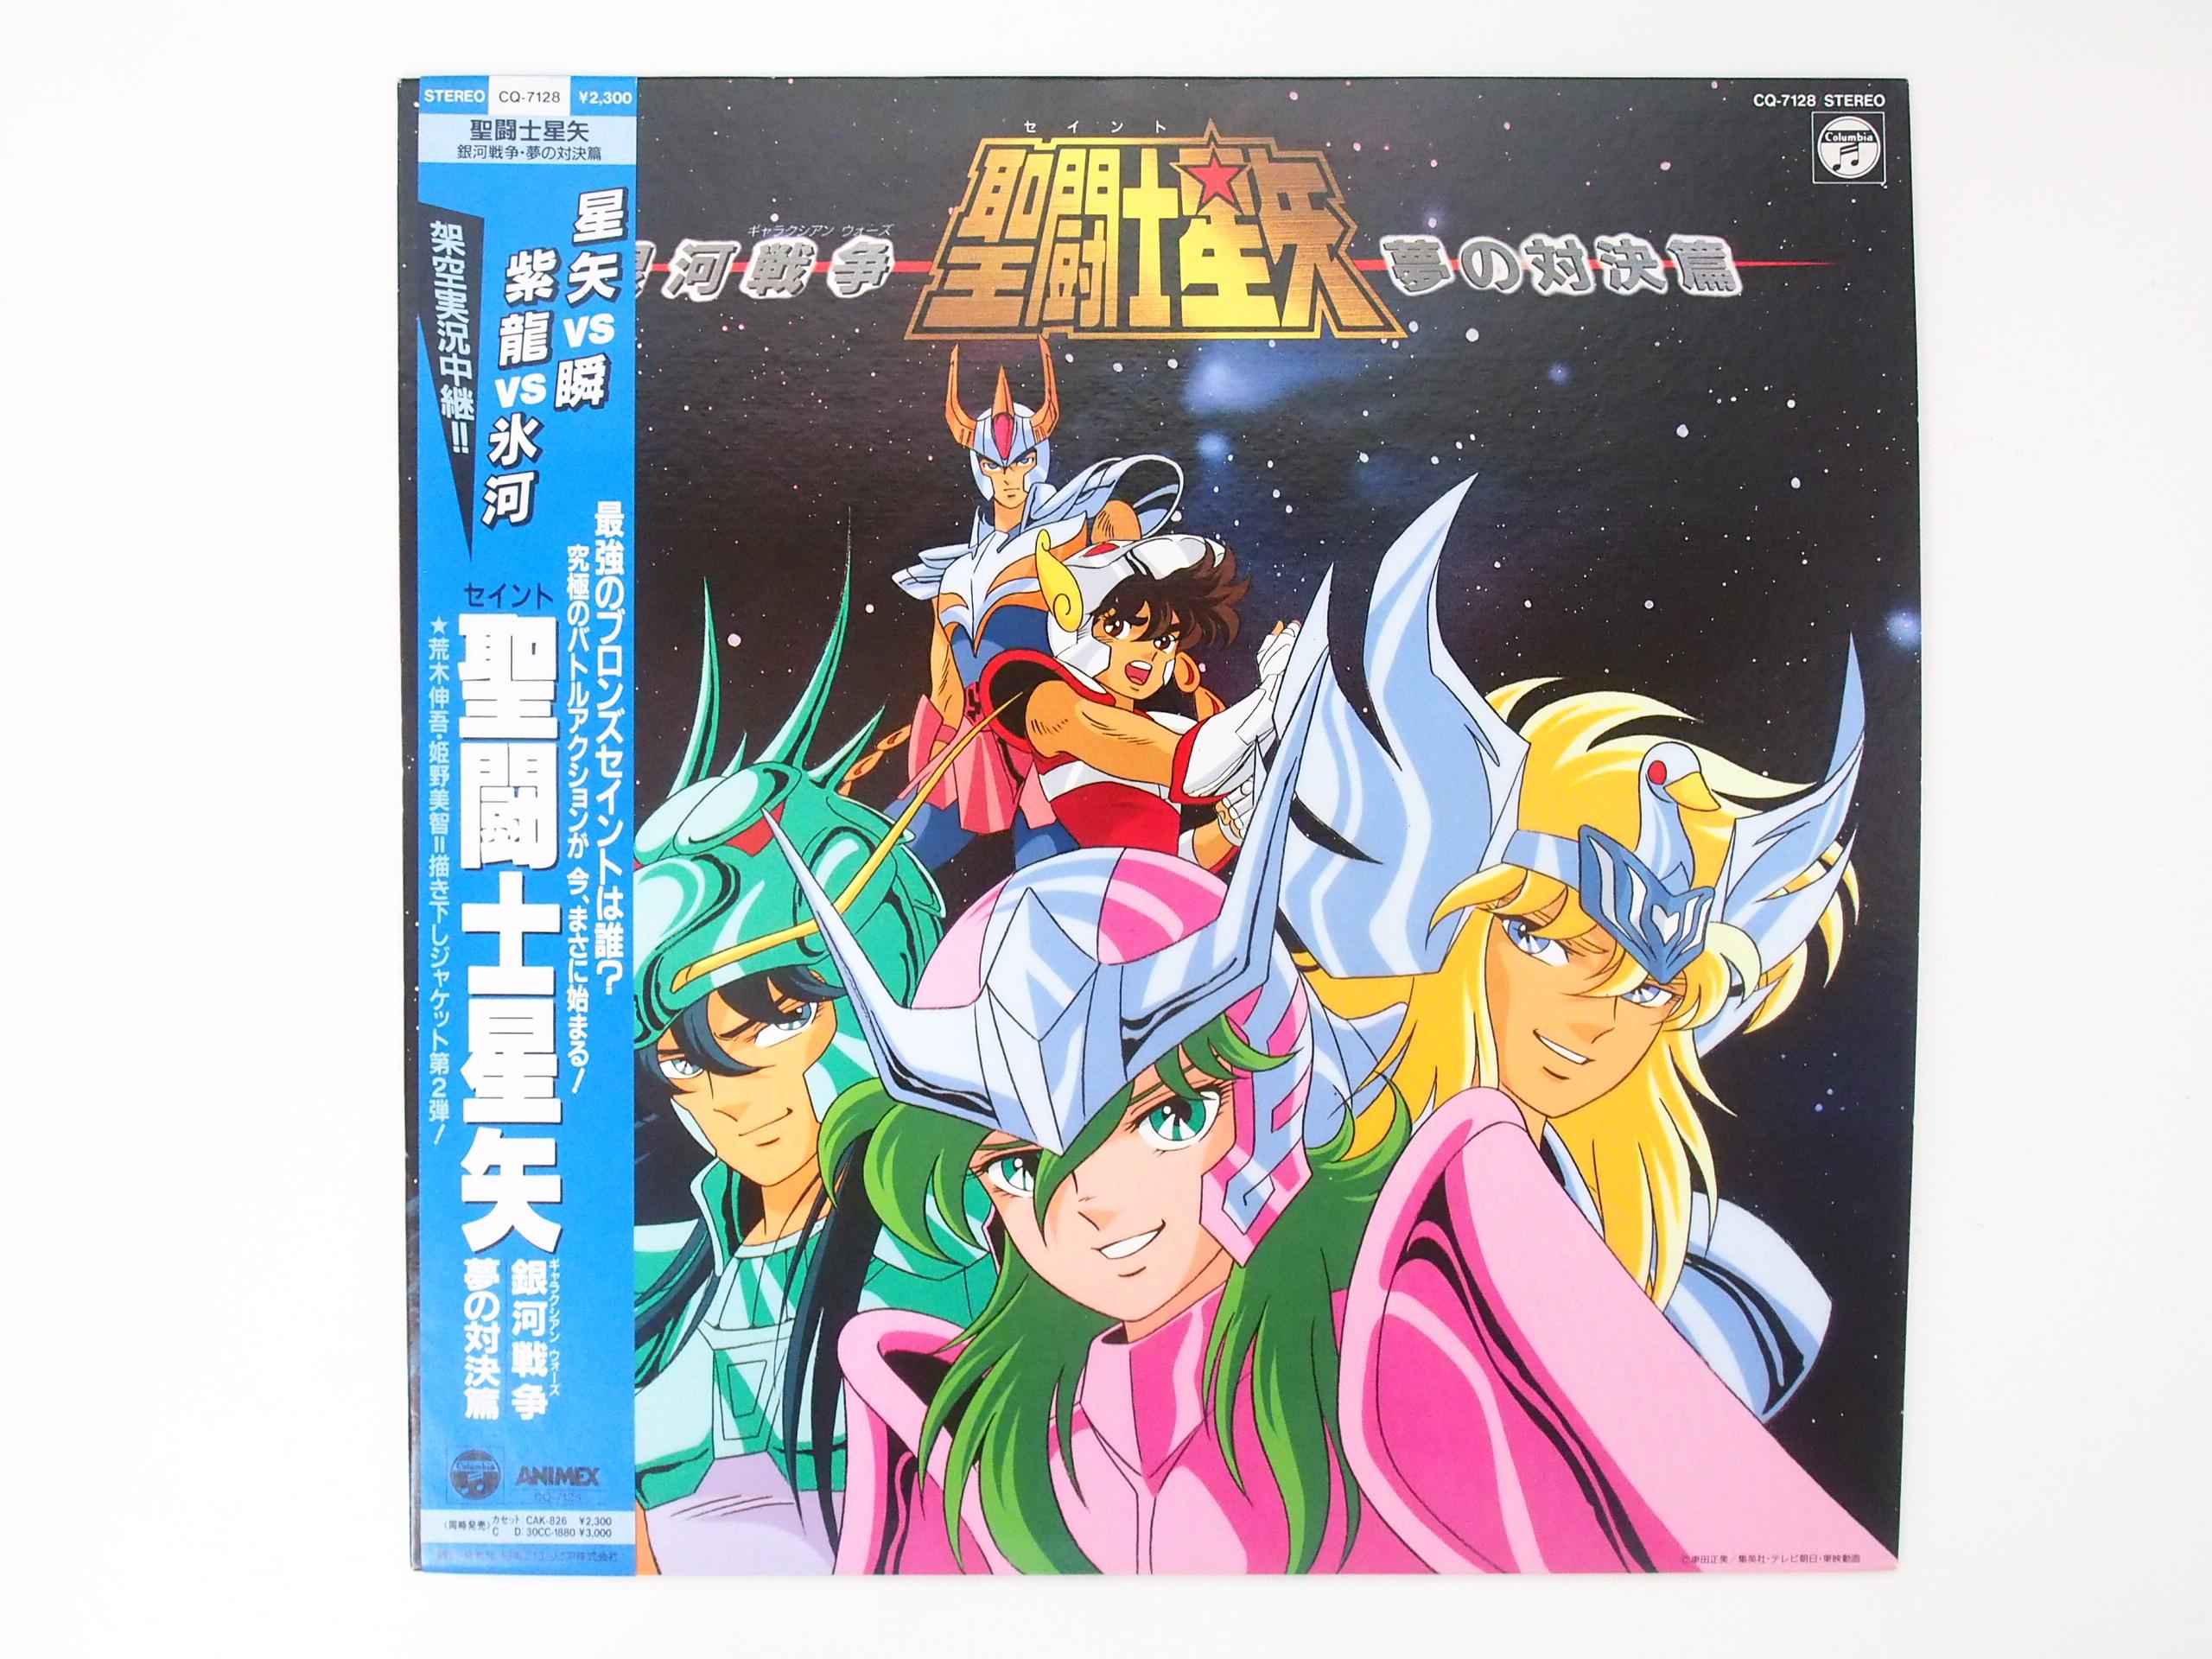 高価買取したレコード聖闘士星矢 銀河戦争 夢の対決篇 帯付の表紙